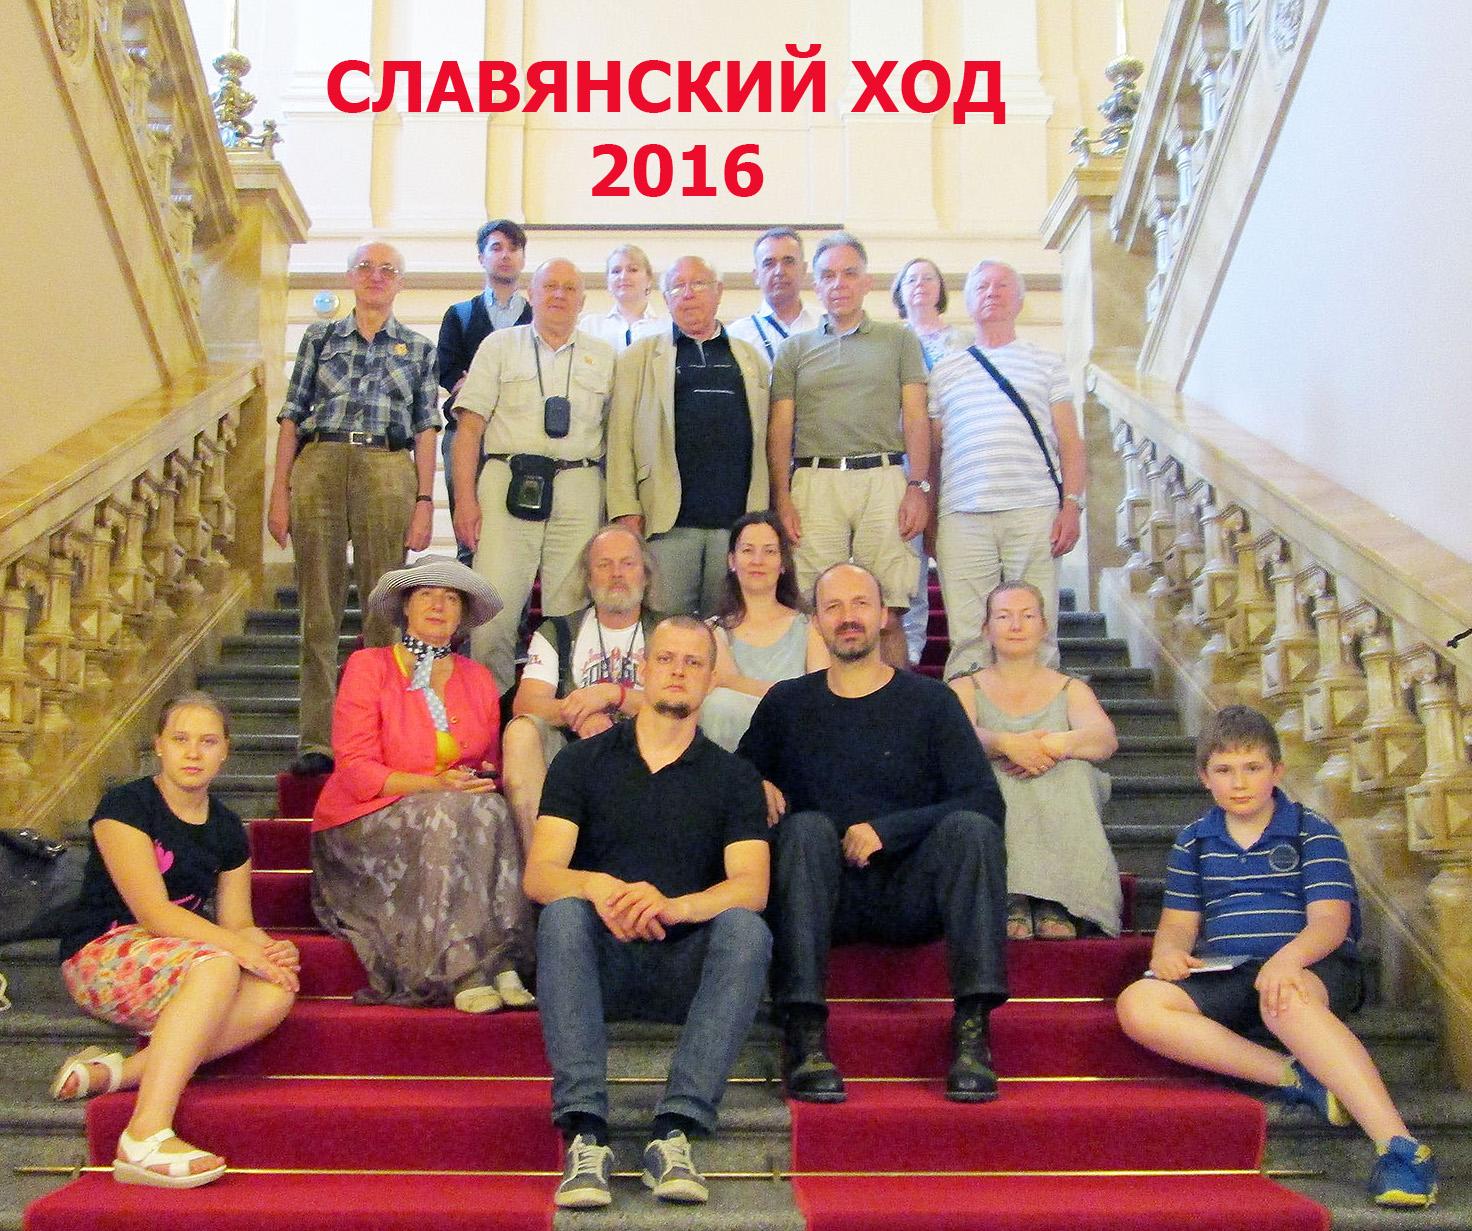 Общее фото СЛАВЯНСКИЙ ХОД 2016